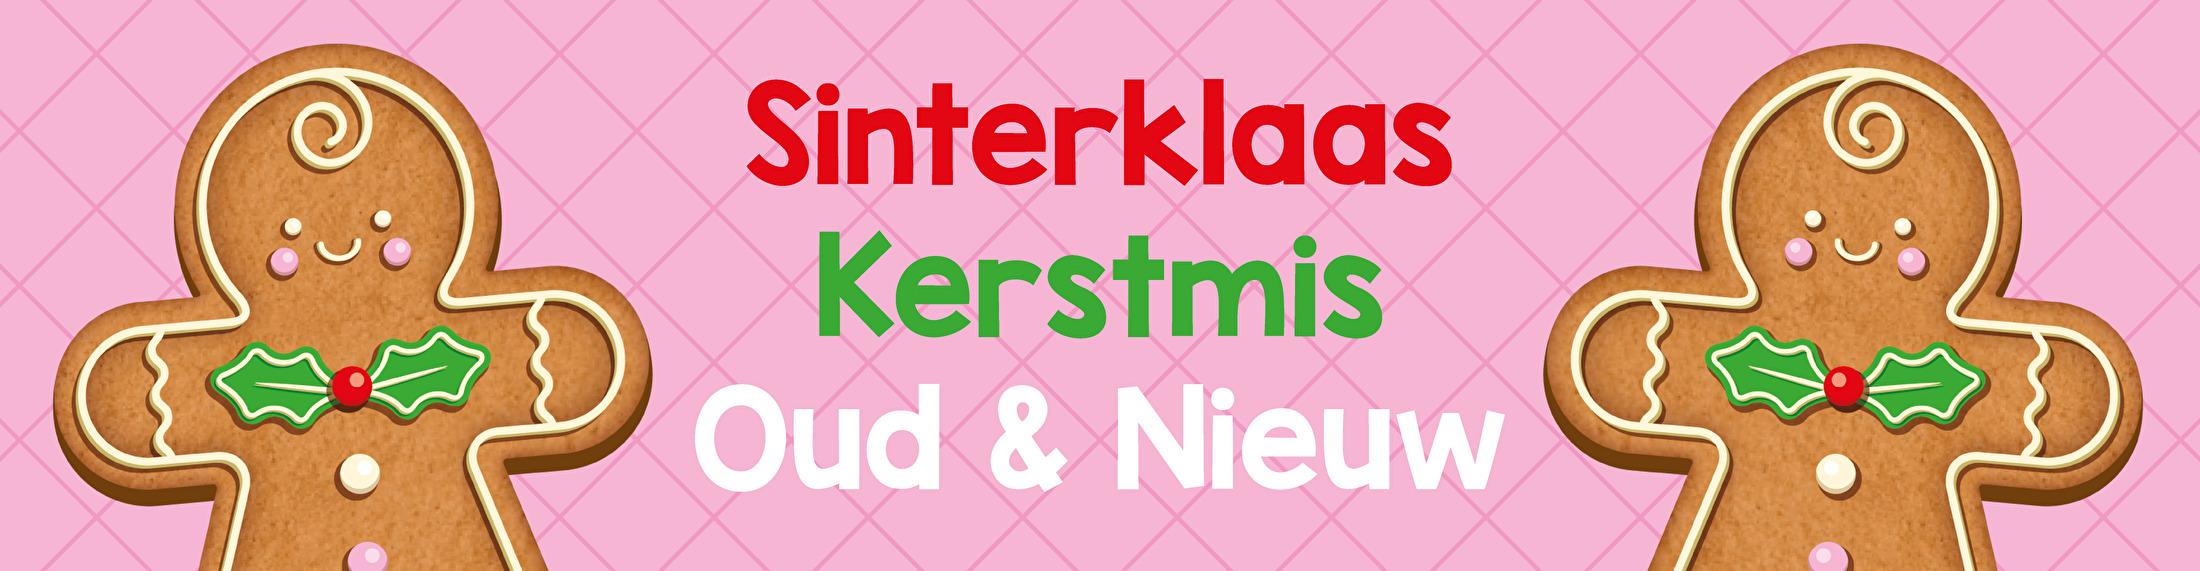 Sinterklaas, Kerstmis, Oud & Nieuw